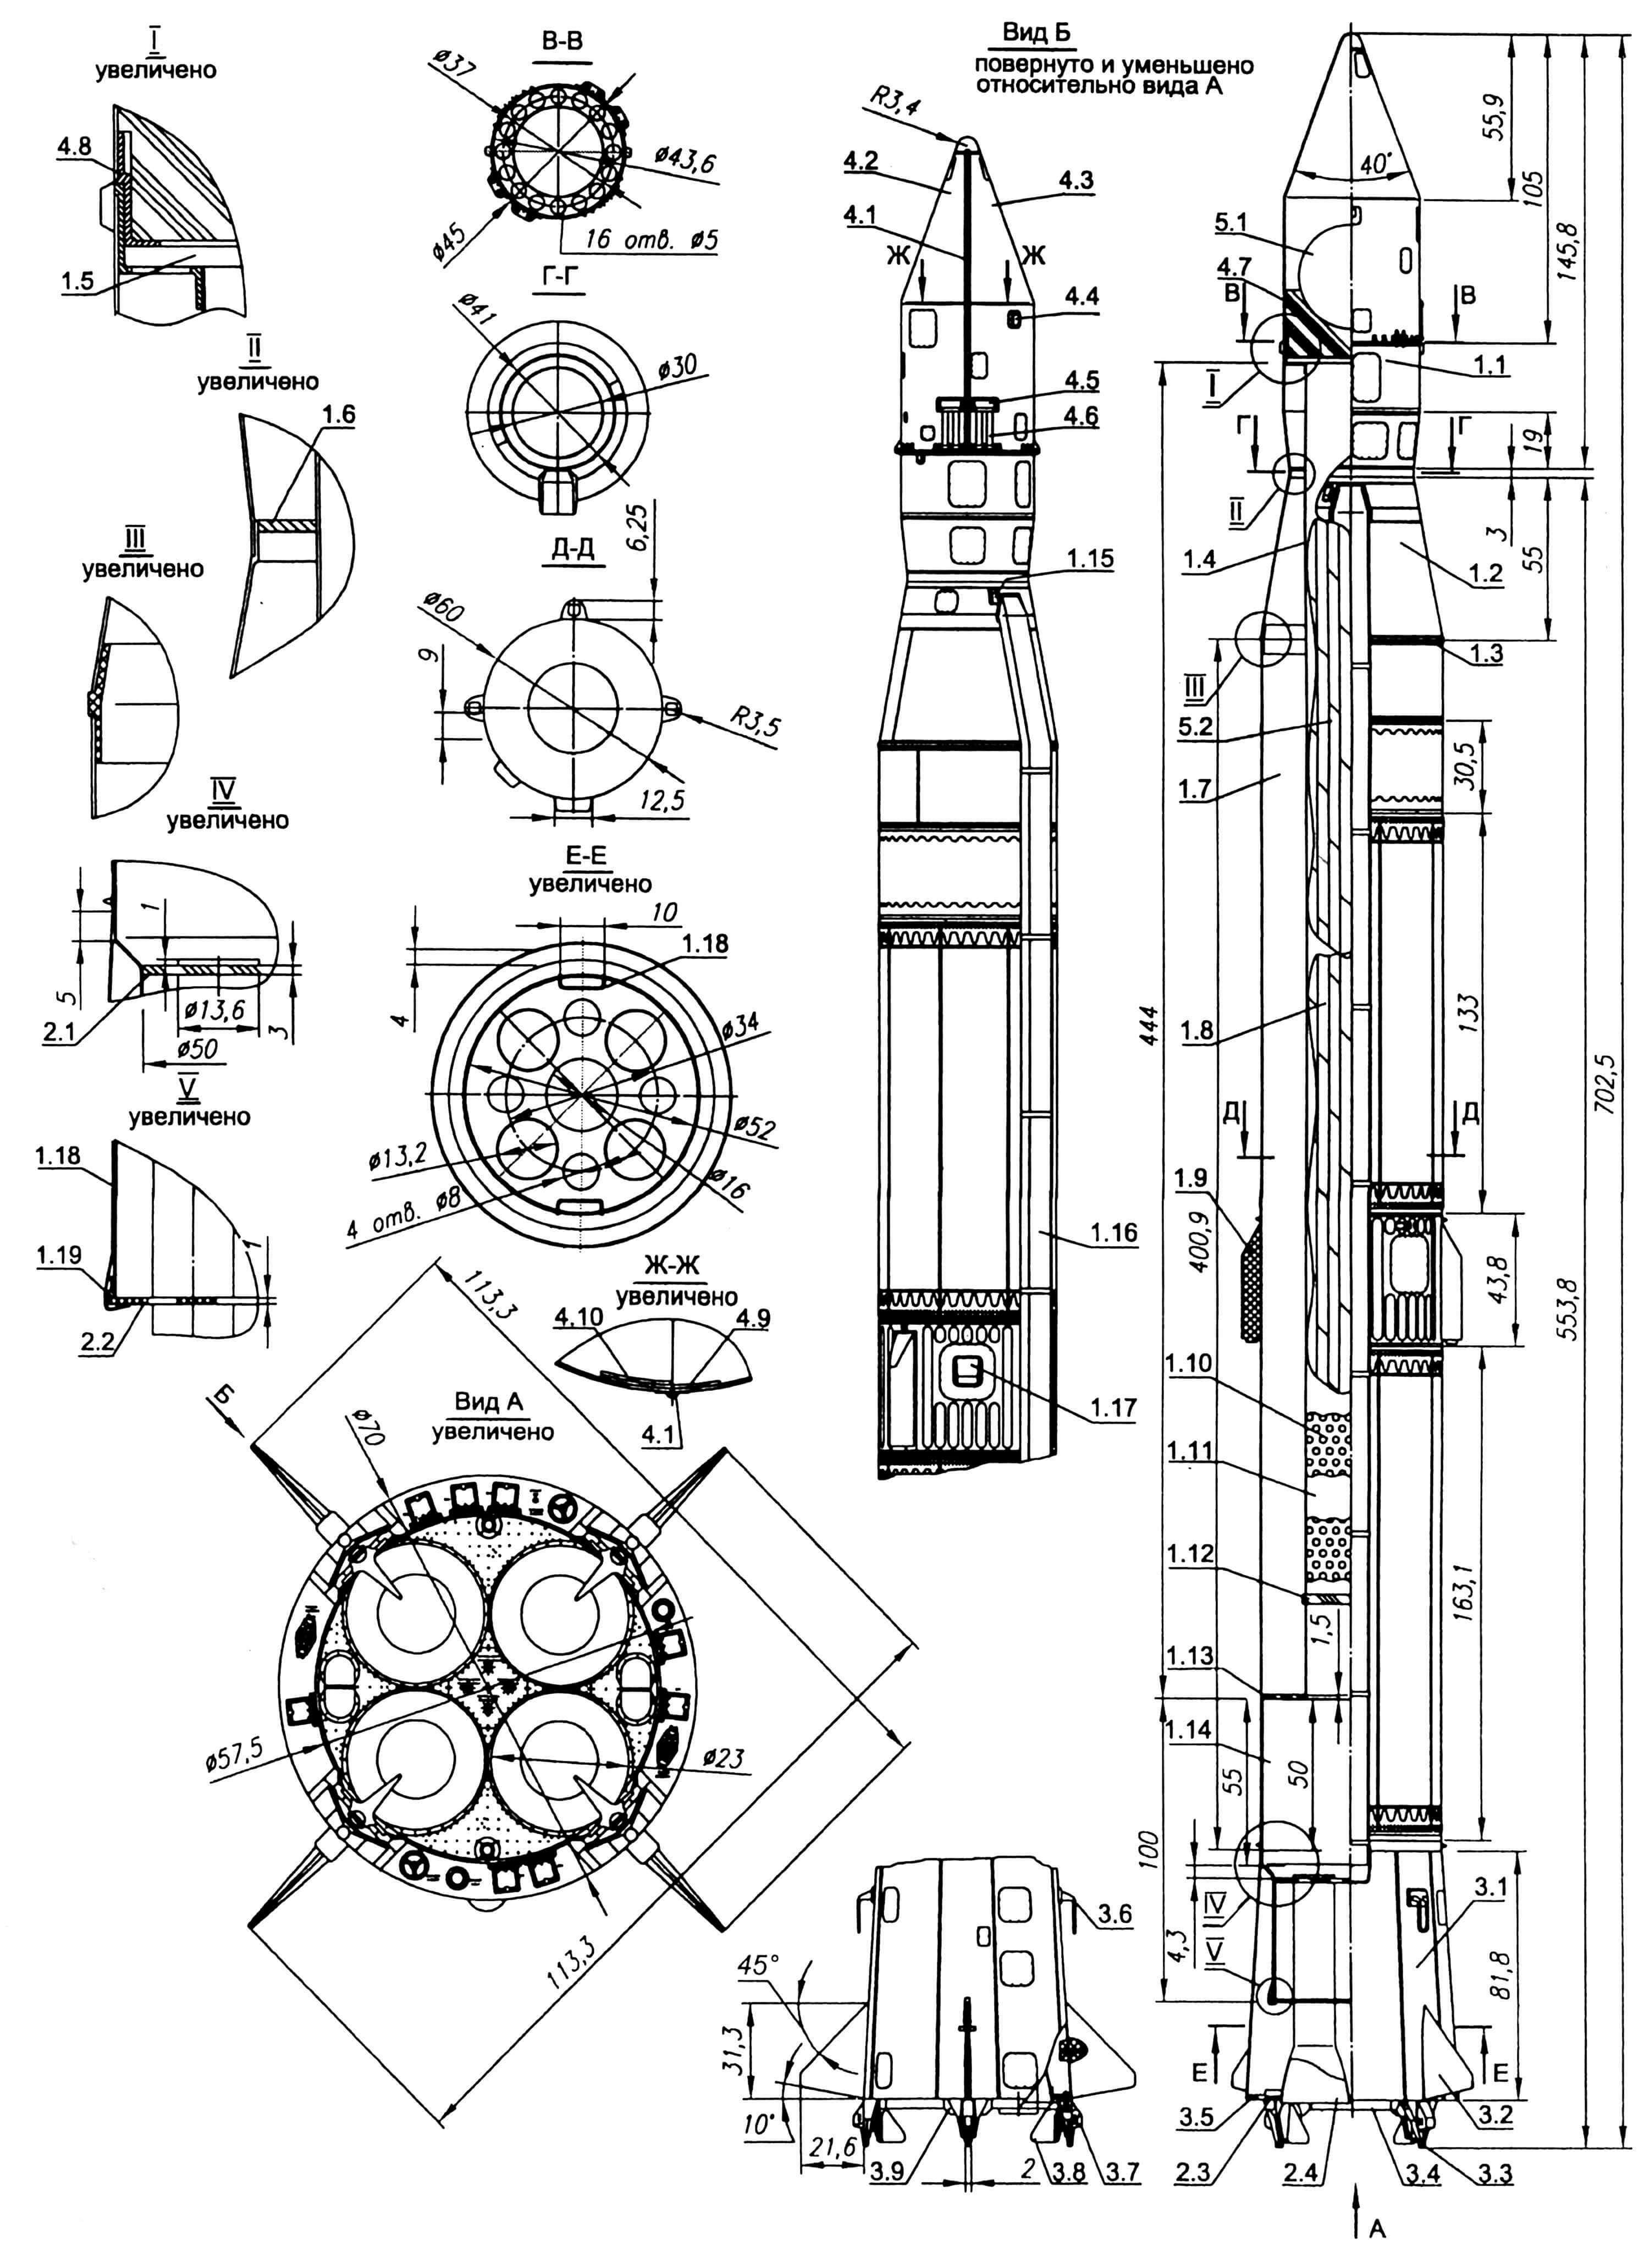 Модель-копия геофизической ракеты «Вертикаль-4». 1.Корпус модели: 1.1 — отсек полезной нагрузки; 1.2 — отсек носовой, конический; 1.3, 1.5, 1.6, 1.13, 1.19 — шпангоуты; 1.4 — отсек парашютный; 1.7 — часть корпуса, цилиндрическая; 1.8 — парашют основной; 1.9 — двигатель разделения; 1.10 — пыж; 1.11 — засыпка талька; 1.12 — штифт; 1.14 — корпус двигательного отсека; 1.15, 1.17 — обтекатели; 1.16 — гаргрот; 1.18— скоба П-образная, стопорная (2 шт.). 2. Двигательный отсек: 2.1 — шпангоут верхний; 2.2— шпангоут средний; 2.3 — трубка двигателя; 2.4 — шпангоут нижний. 3. Хвостовой отсек: 3.1. — конус; 3.2 — консоль стабилизатора; 3.3 — опора стартовая; 3.4 — цилиндр опорный; 3.5 — шпангоут торцевой; 3.6 — антенна телеметрии; 3.7 — обтекатель; 3.8 — руль газовый; 3.9 — основание газового руля. 4. Головной обтекатель: 4.1 — имитатор стыка; 4.2, 4.3 — половины головного обтекателя; 4.4, 4.5 — обтекатели; 4.6 — толкатель пружинный; 4.7 — бобышка с внутренним конусом; 4.8 — шпангоут; 4.9 — зуб заходной; 4.10 —деталь ответная с пазом. 5. Макет полезной нагрузки: 5.1 — мяч для настольного тенниса; 5.2 — парашют.